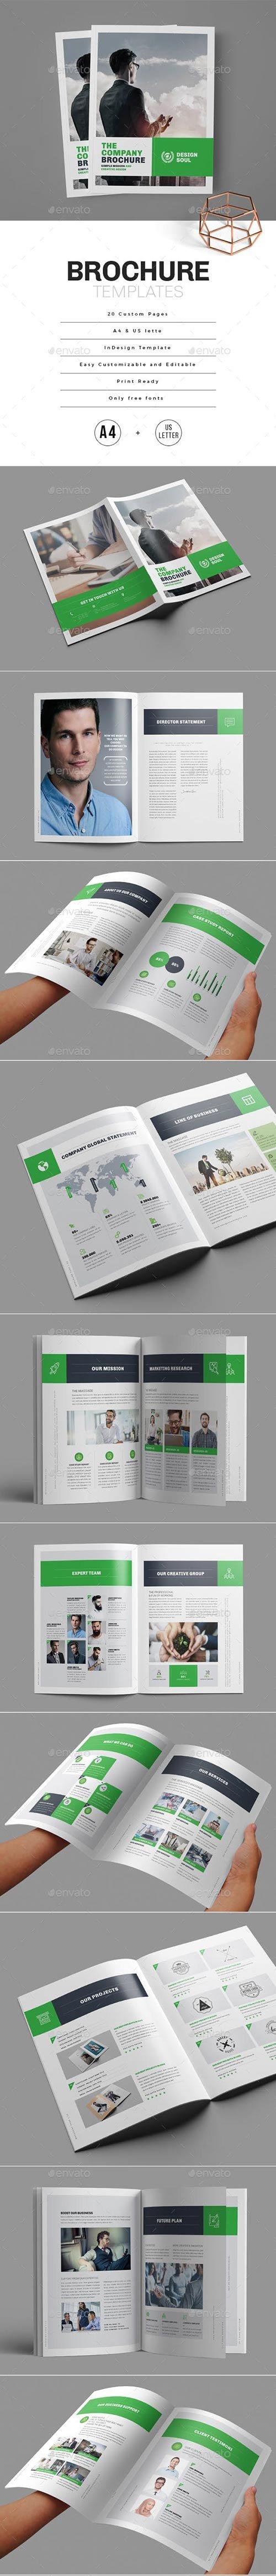 Graphicriver - Brochure 22905637